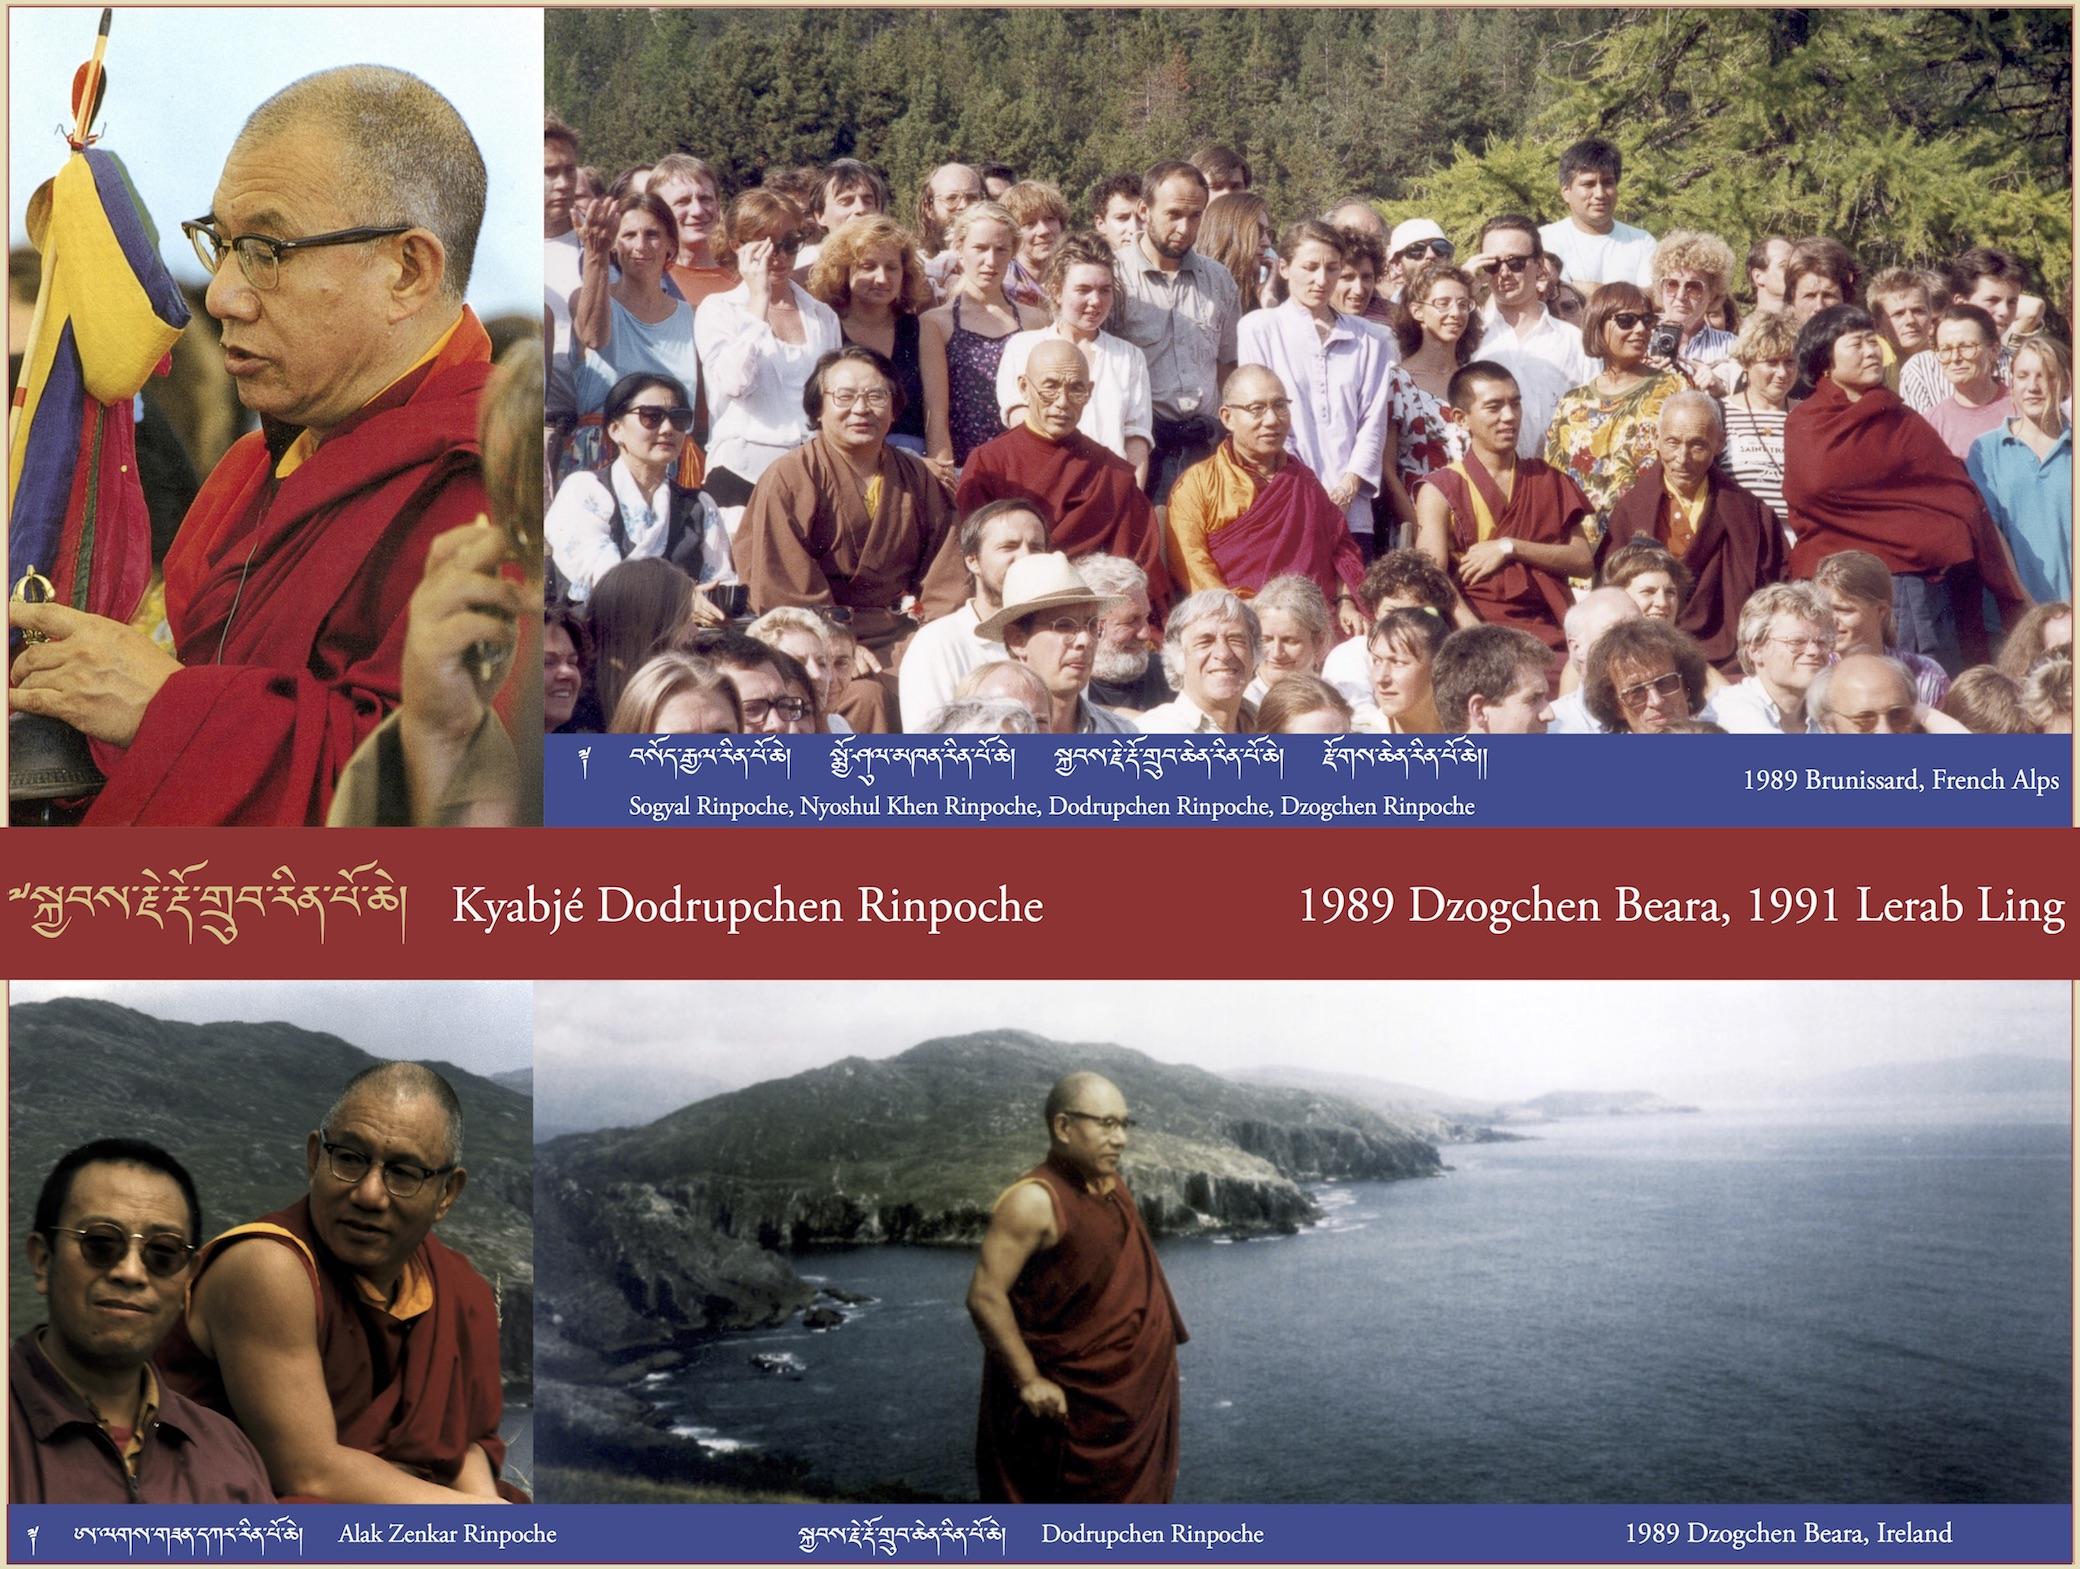 Kyabjé Dodrupchen Rinpoche, 1989 Dzogchen Beara, 1991 Lerab Ling